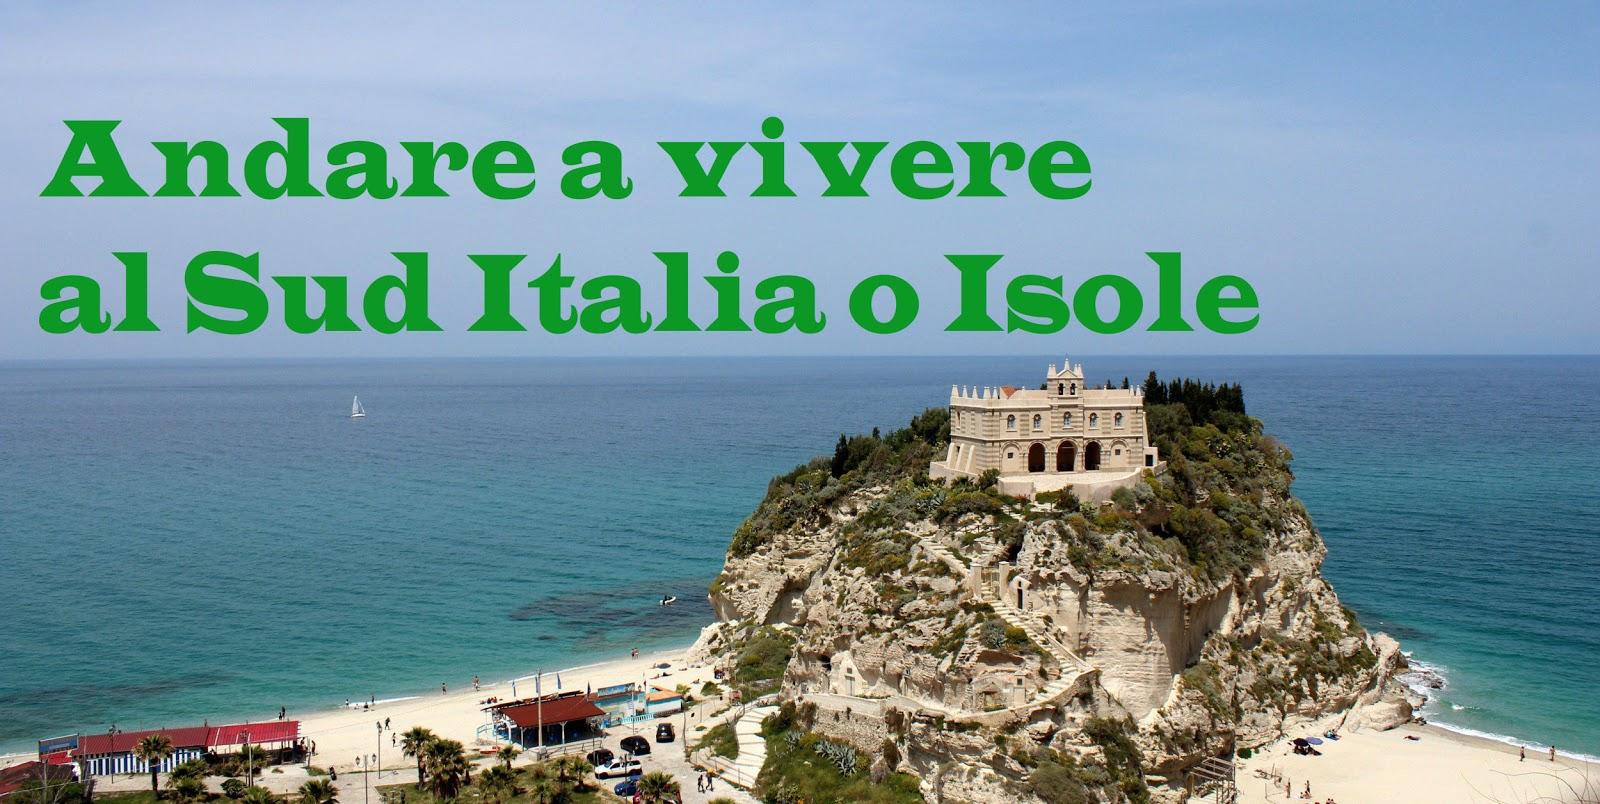 miglior posto dove vivere in italia costruire uno scambio criptovaluta